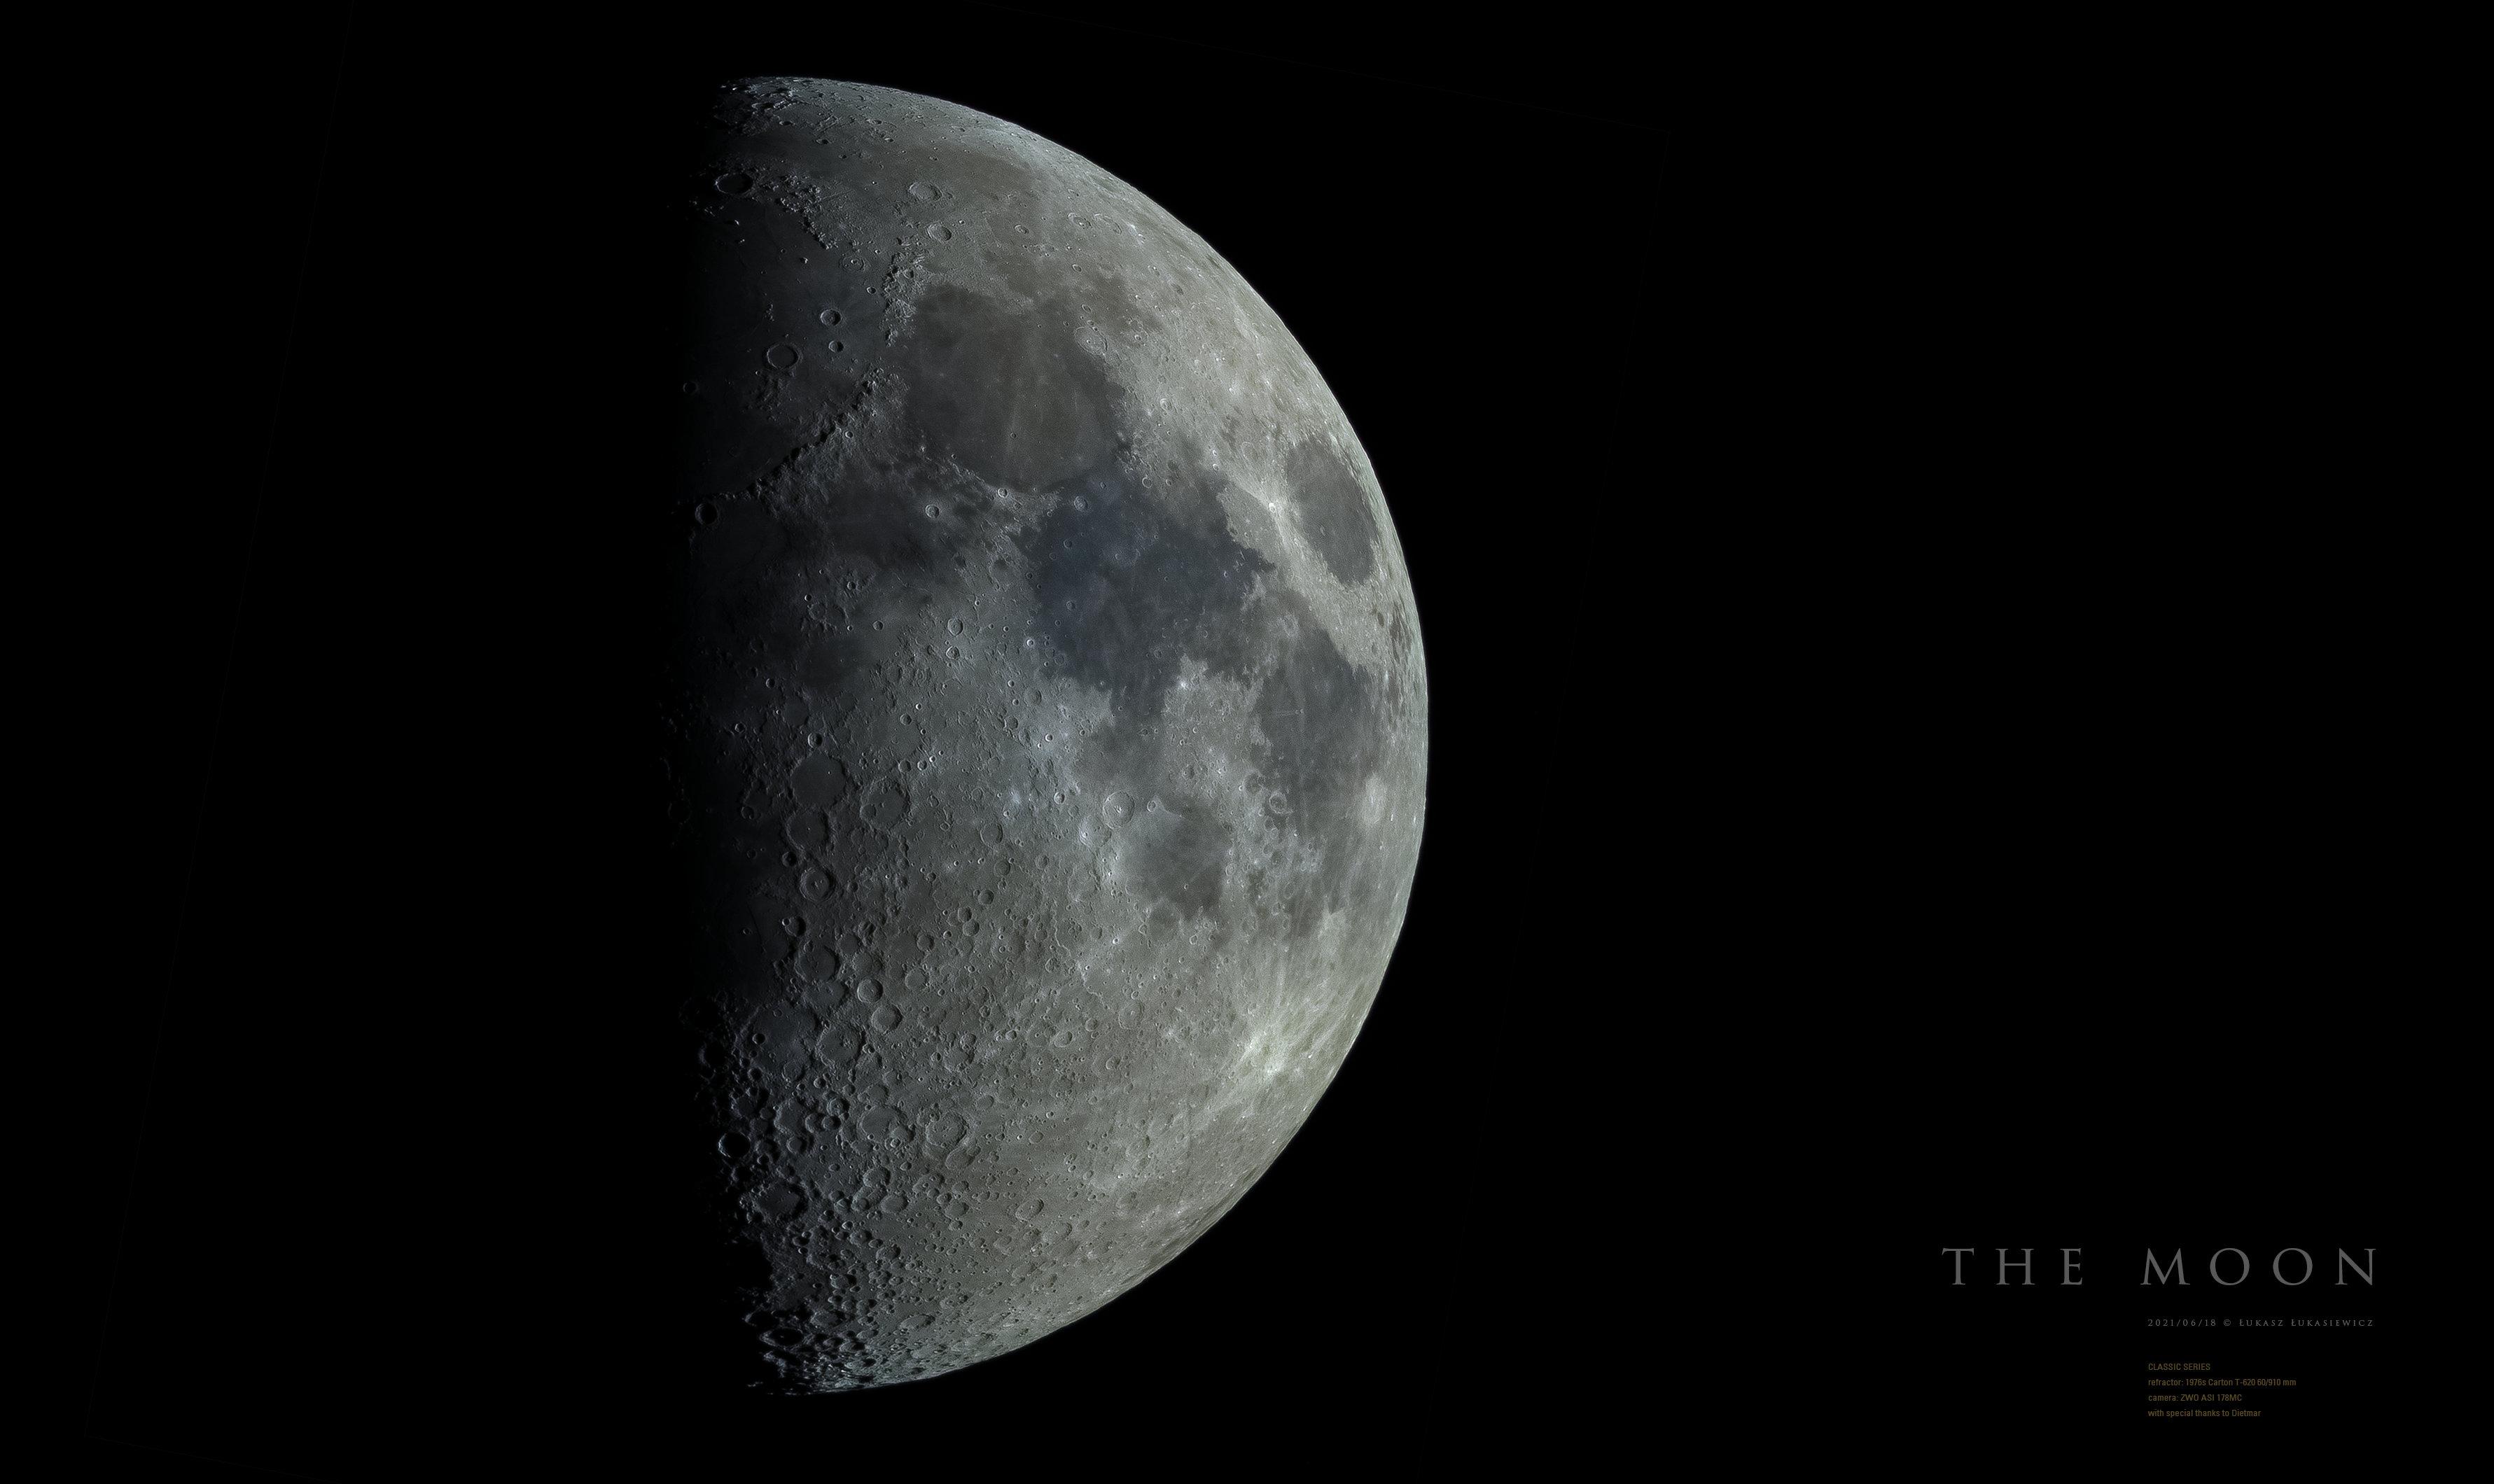 THE-MOON-2021-06-18.jpg